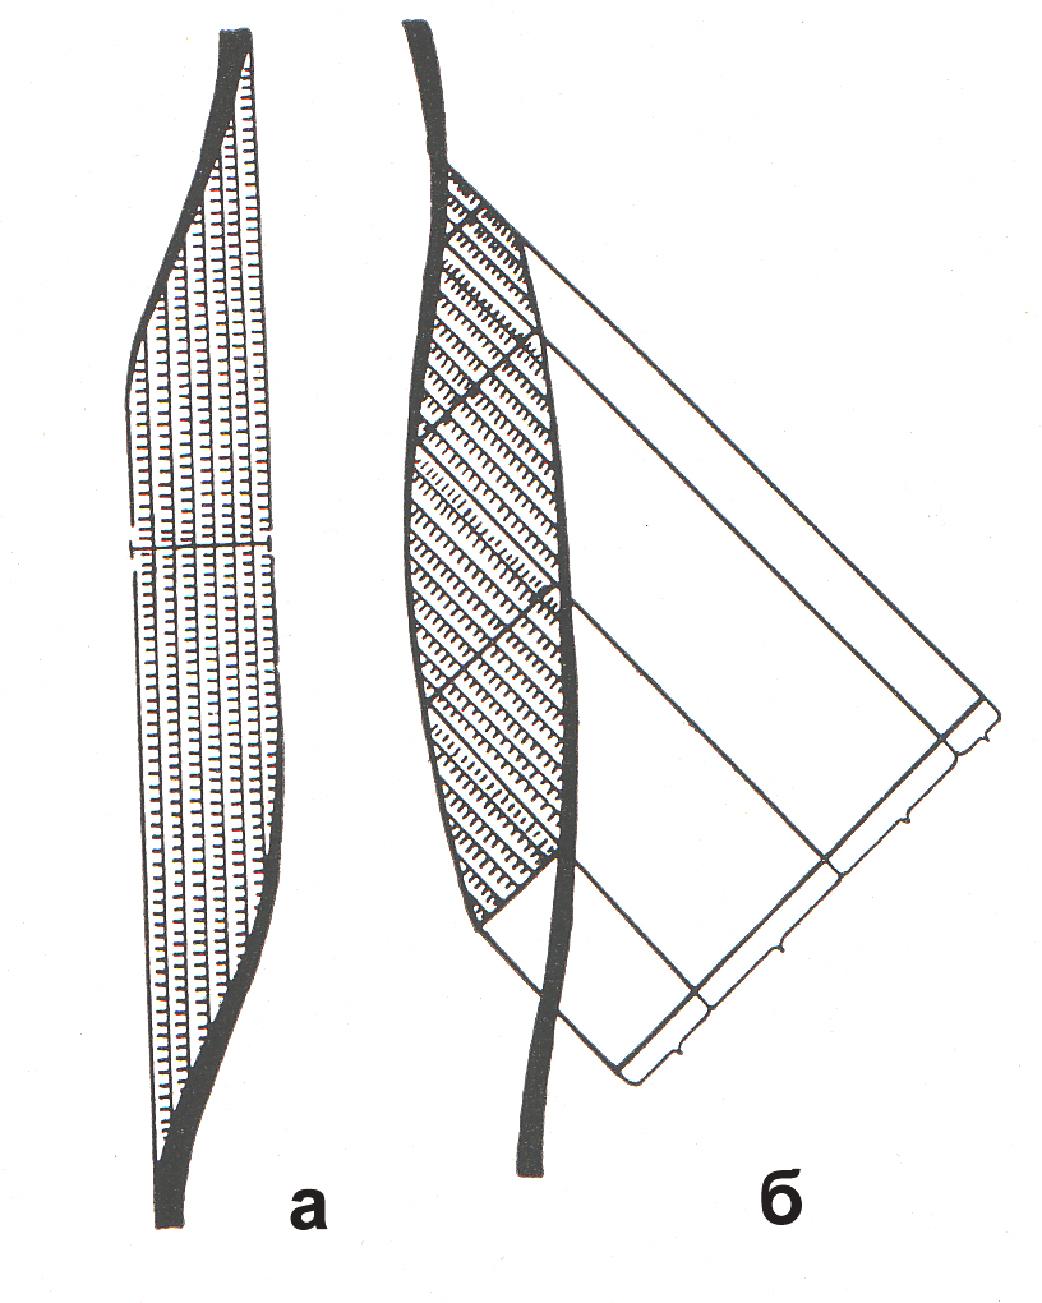 схема двуглавой мышцы бицепса